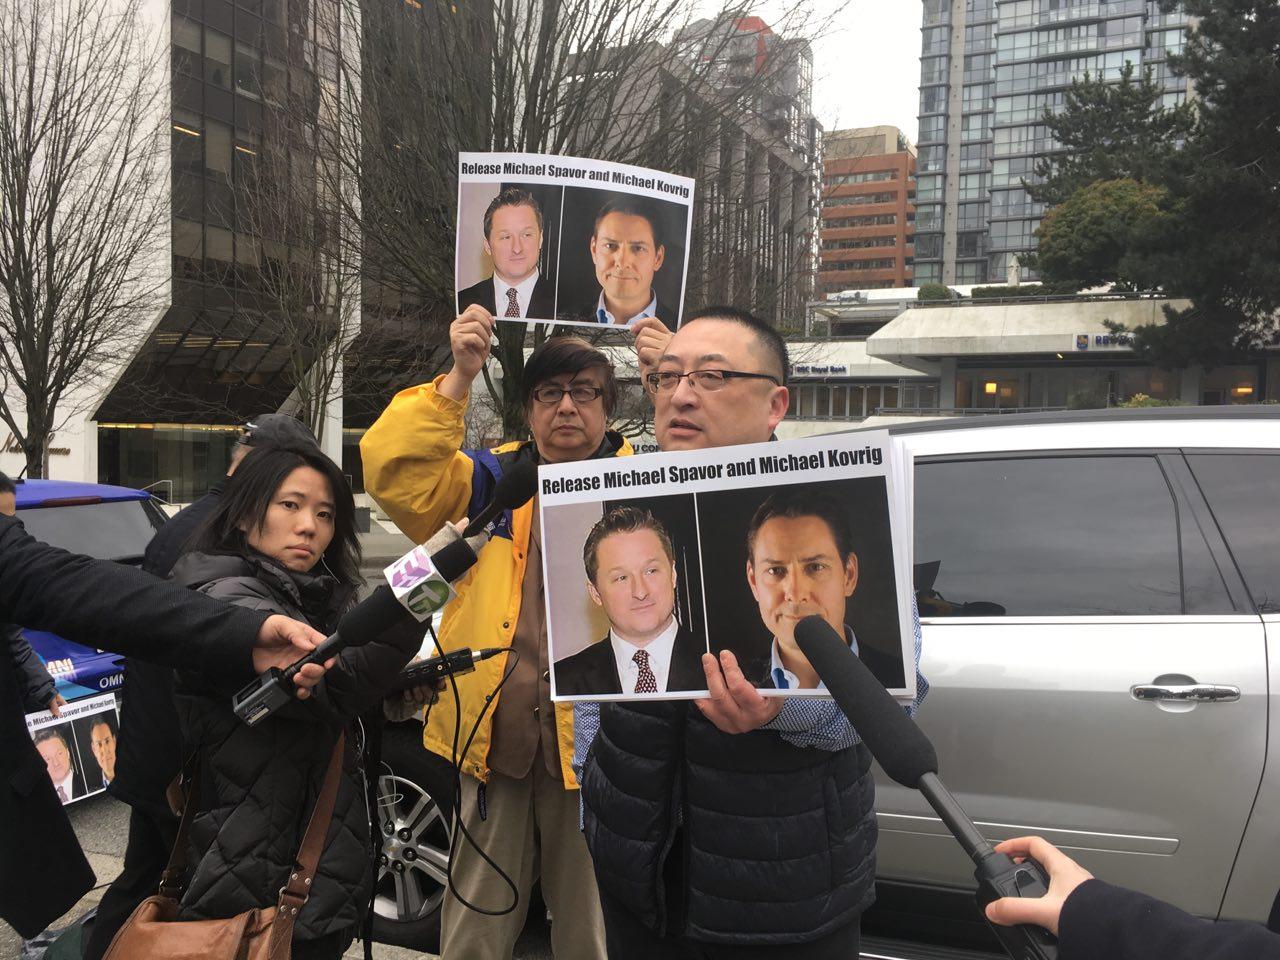 2019年3月6日,在卑詩高等法院進行華為財務總監孟晚舟引渡程序聽證時,人們手持被中共關押的兩名加拿大人康明凱(Michael Kovrig)和斯巴沃(Michael Spavor)的照片,要求北京當局釋放他們。(余天白/大紀元)